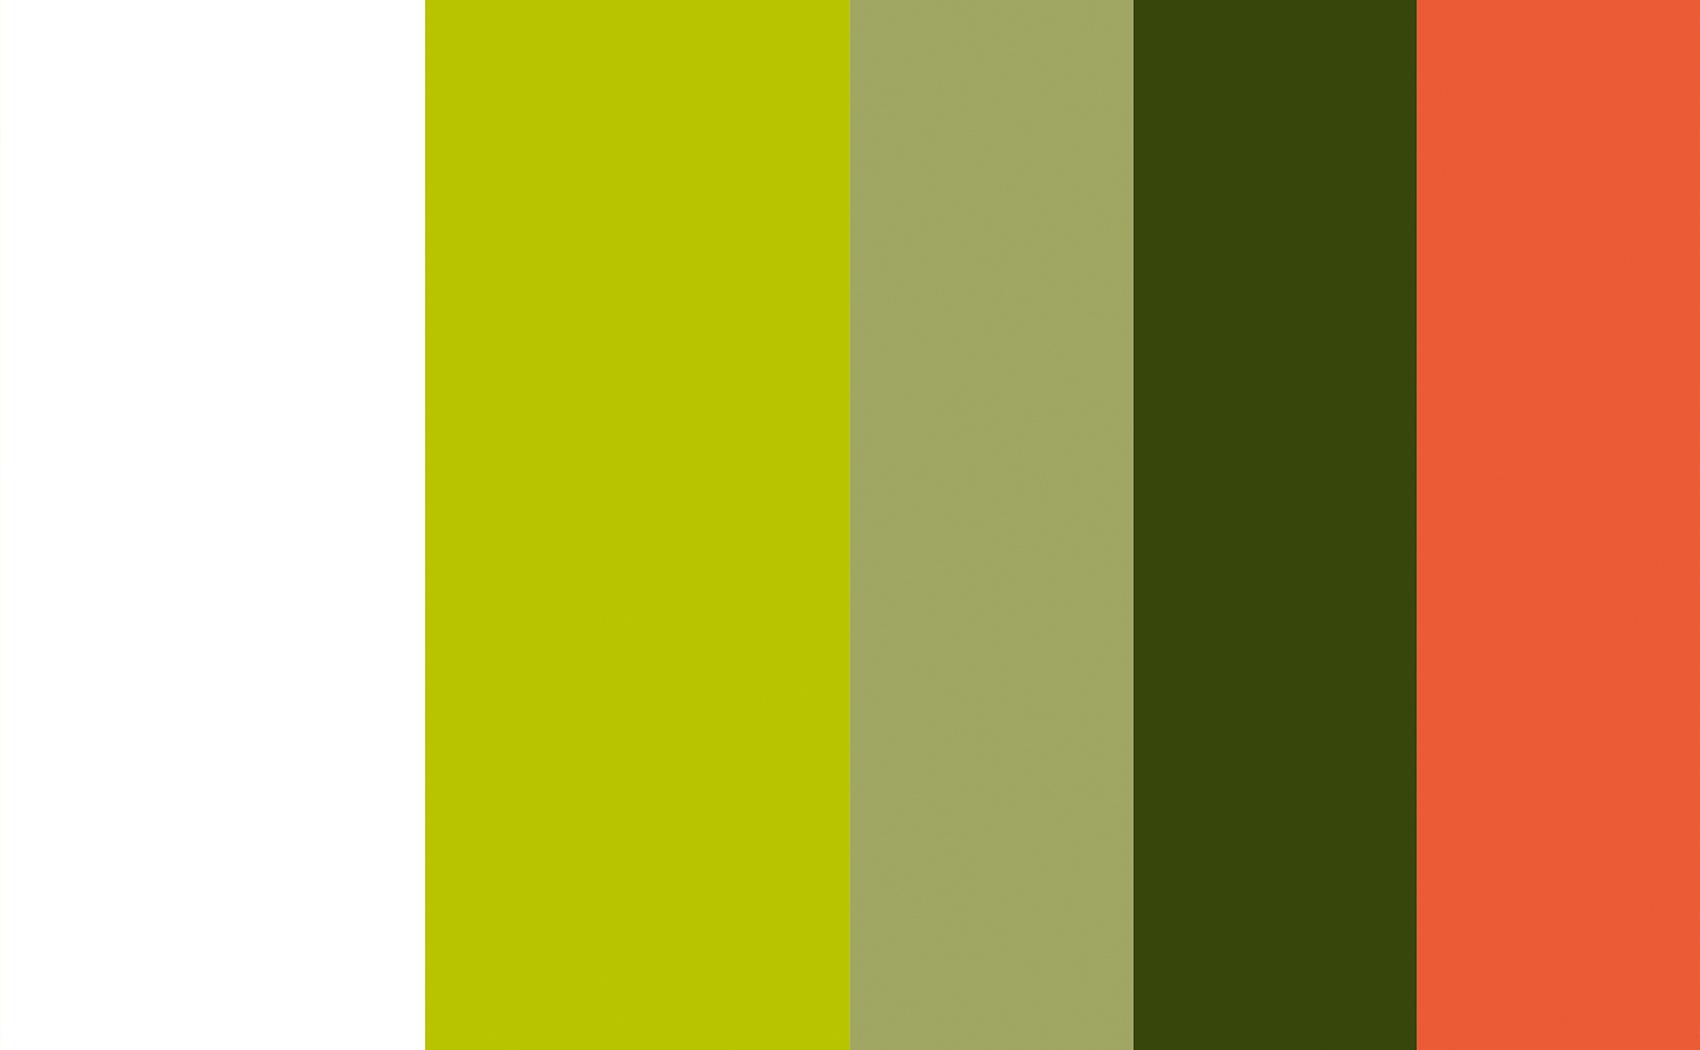 Farbwahl im Corporate Design für MEWAIKI e.V.